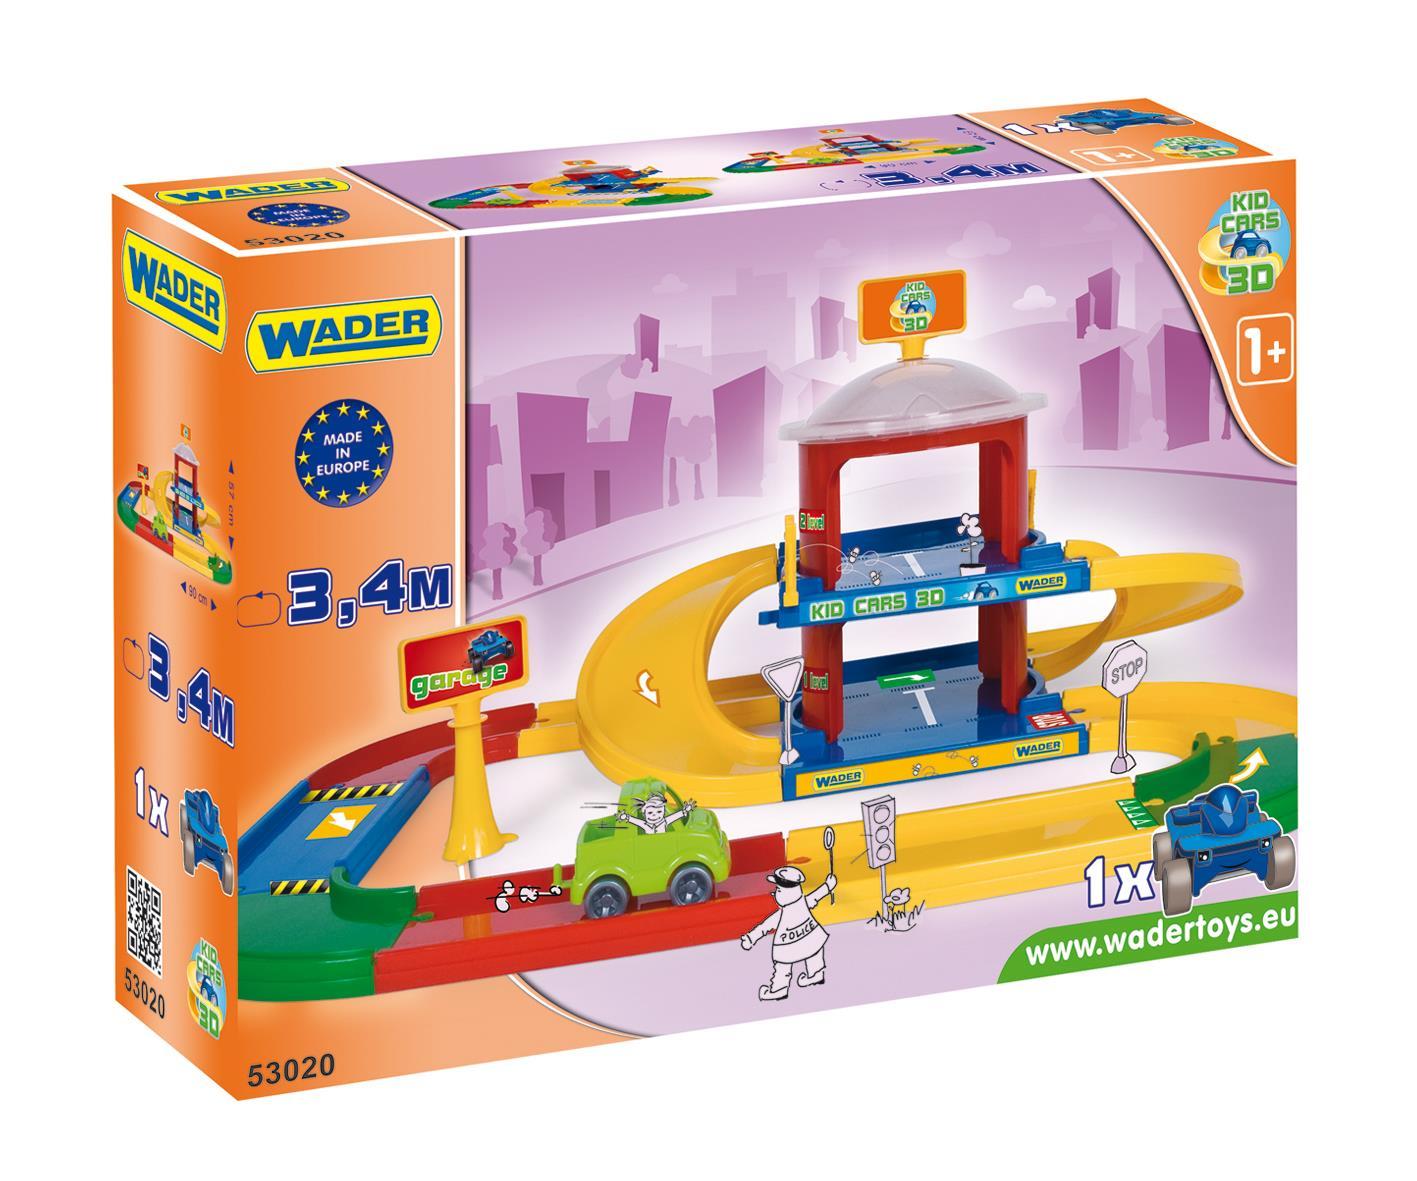 Wader Kid Cars 3d Garaż 2 Poziomowy 53020 7316472389 Oficjalne